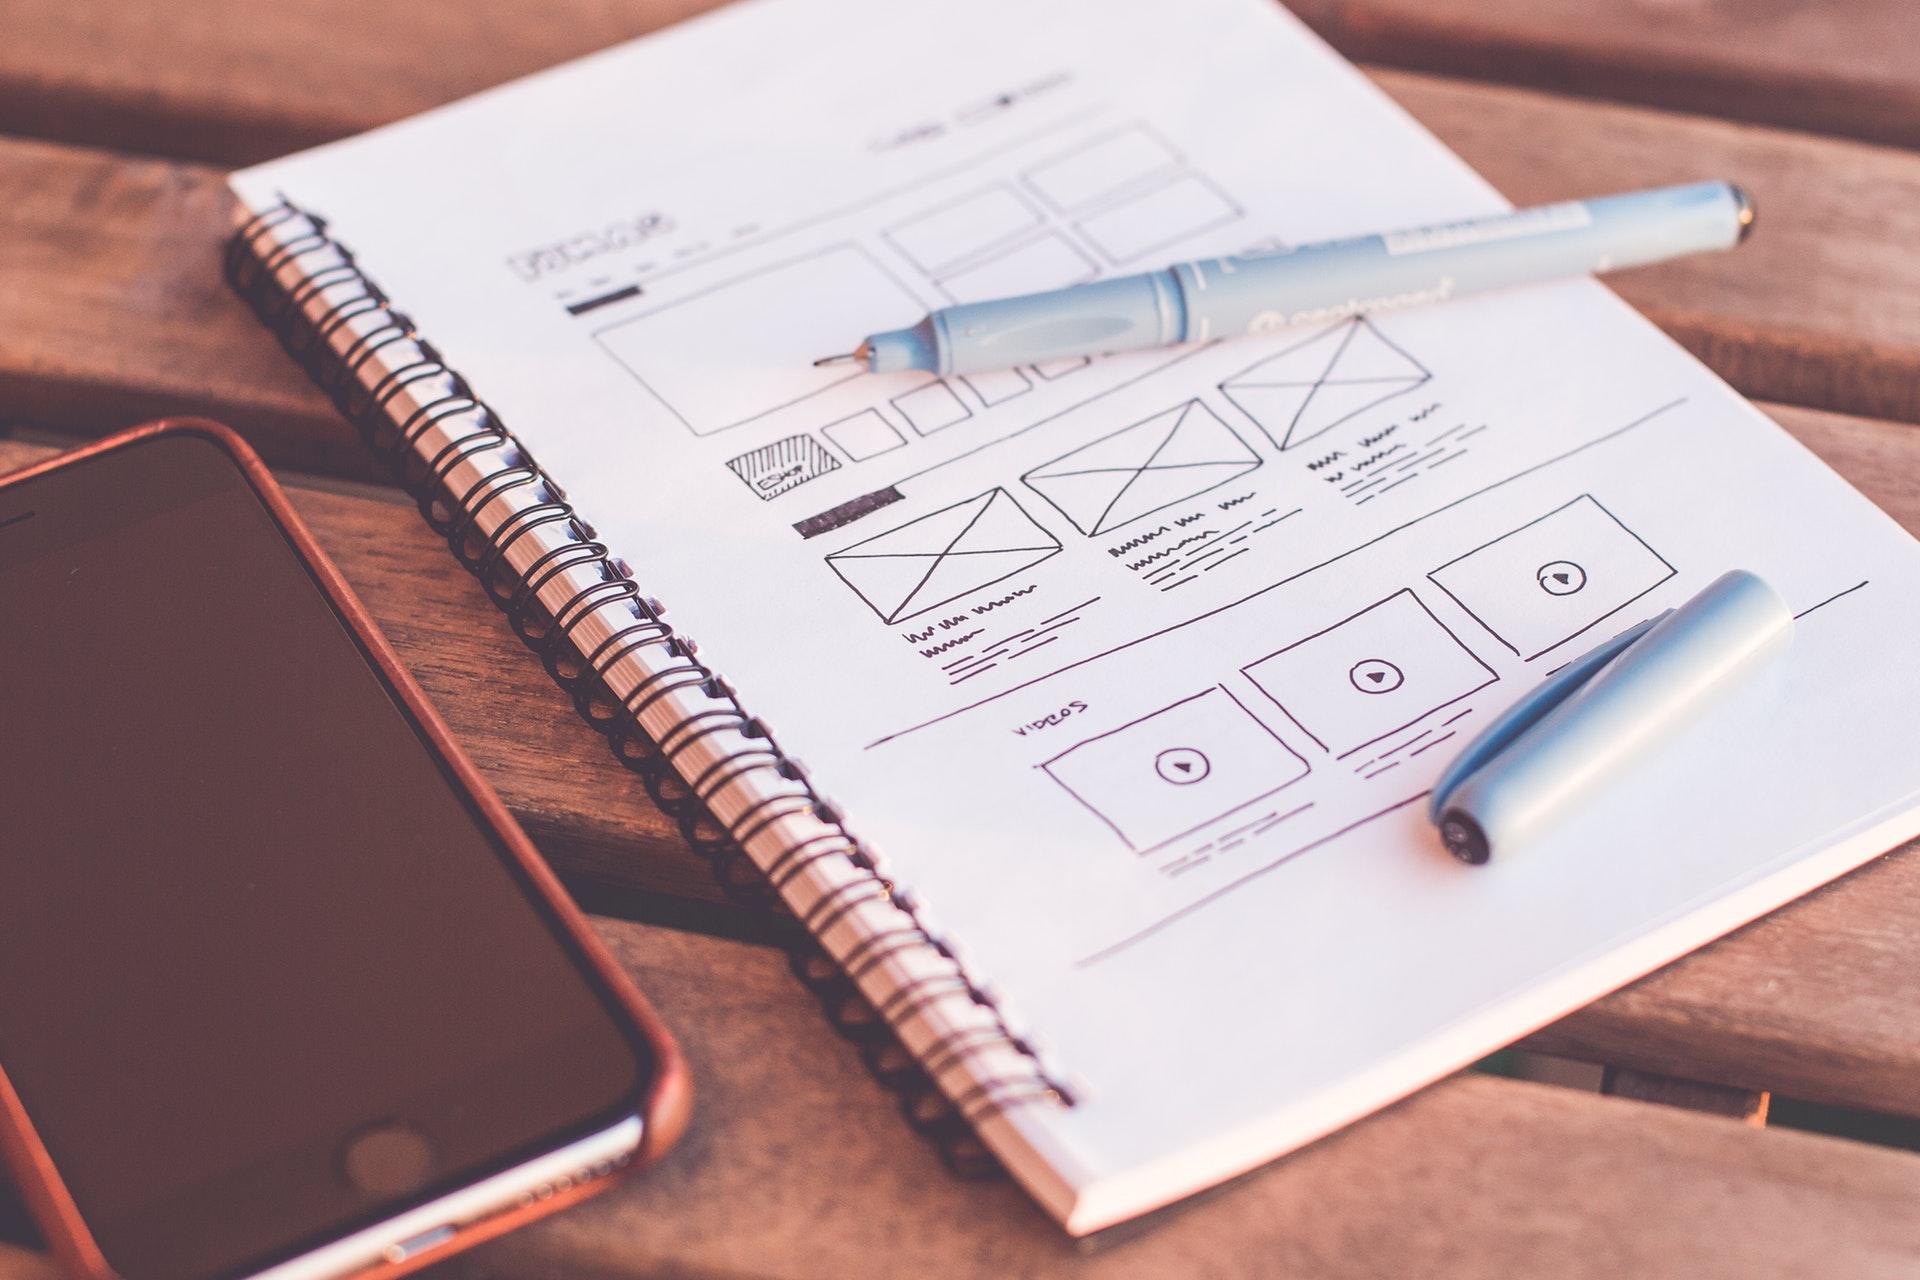 Wat doet een webdesigner?